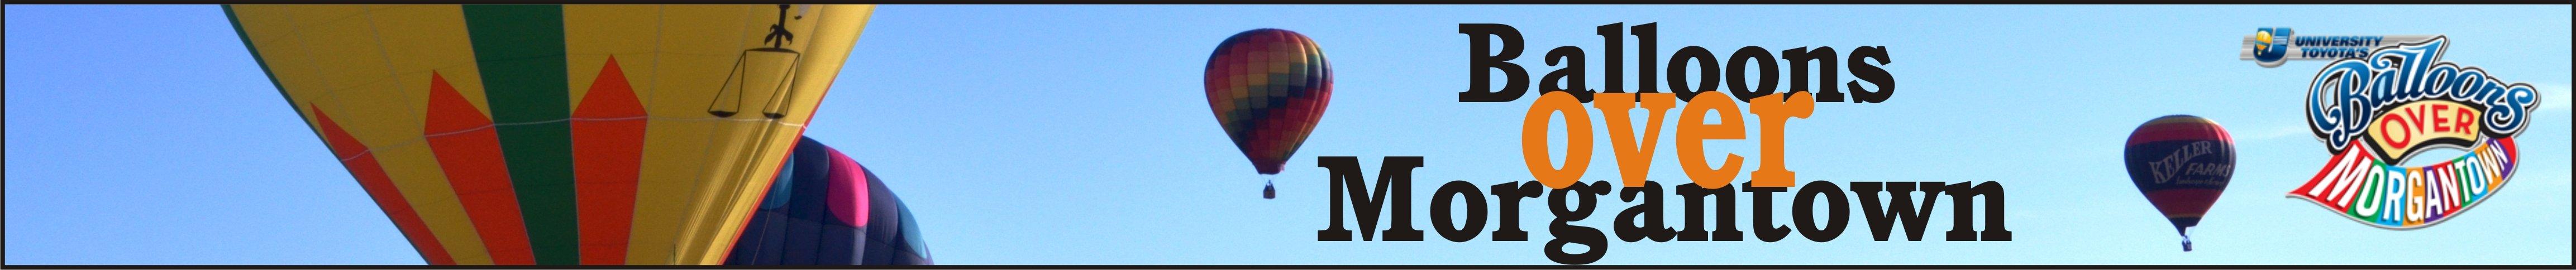 Balloons Over Morgantown